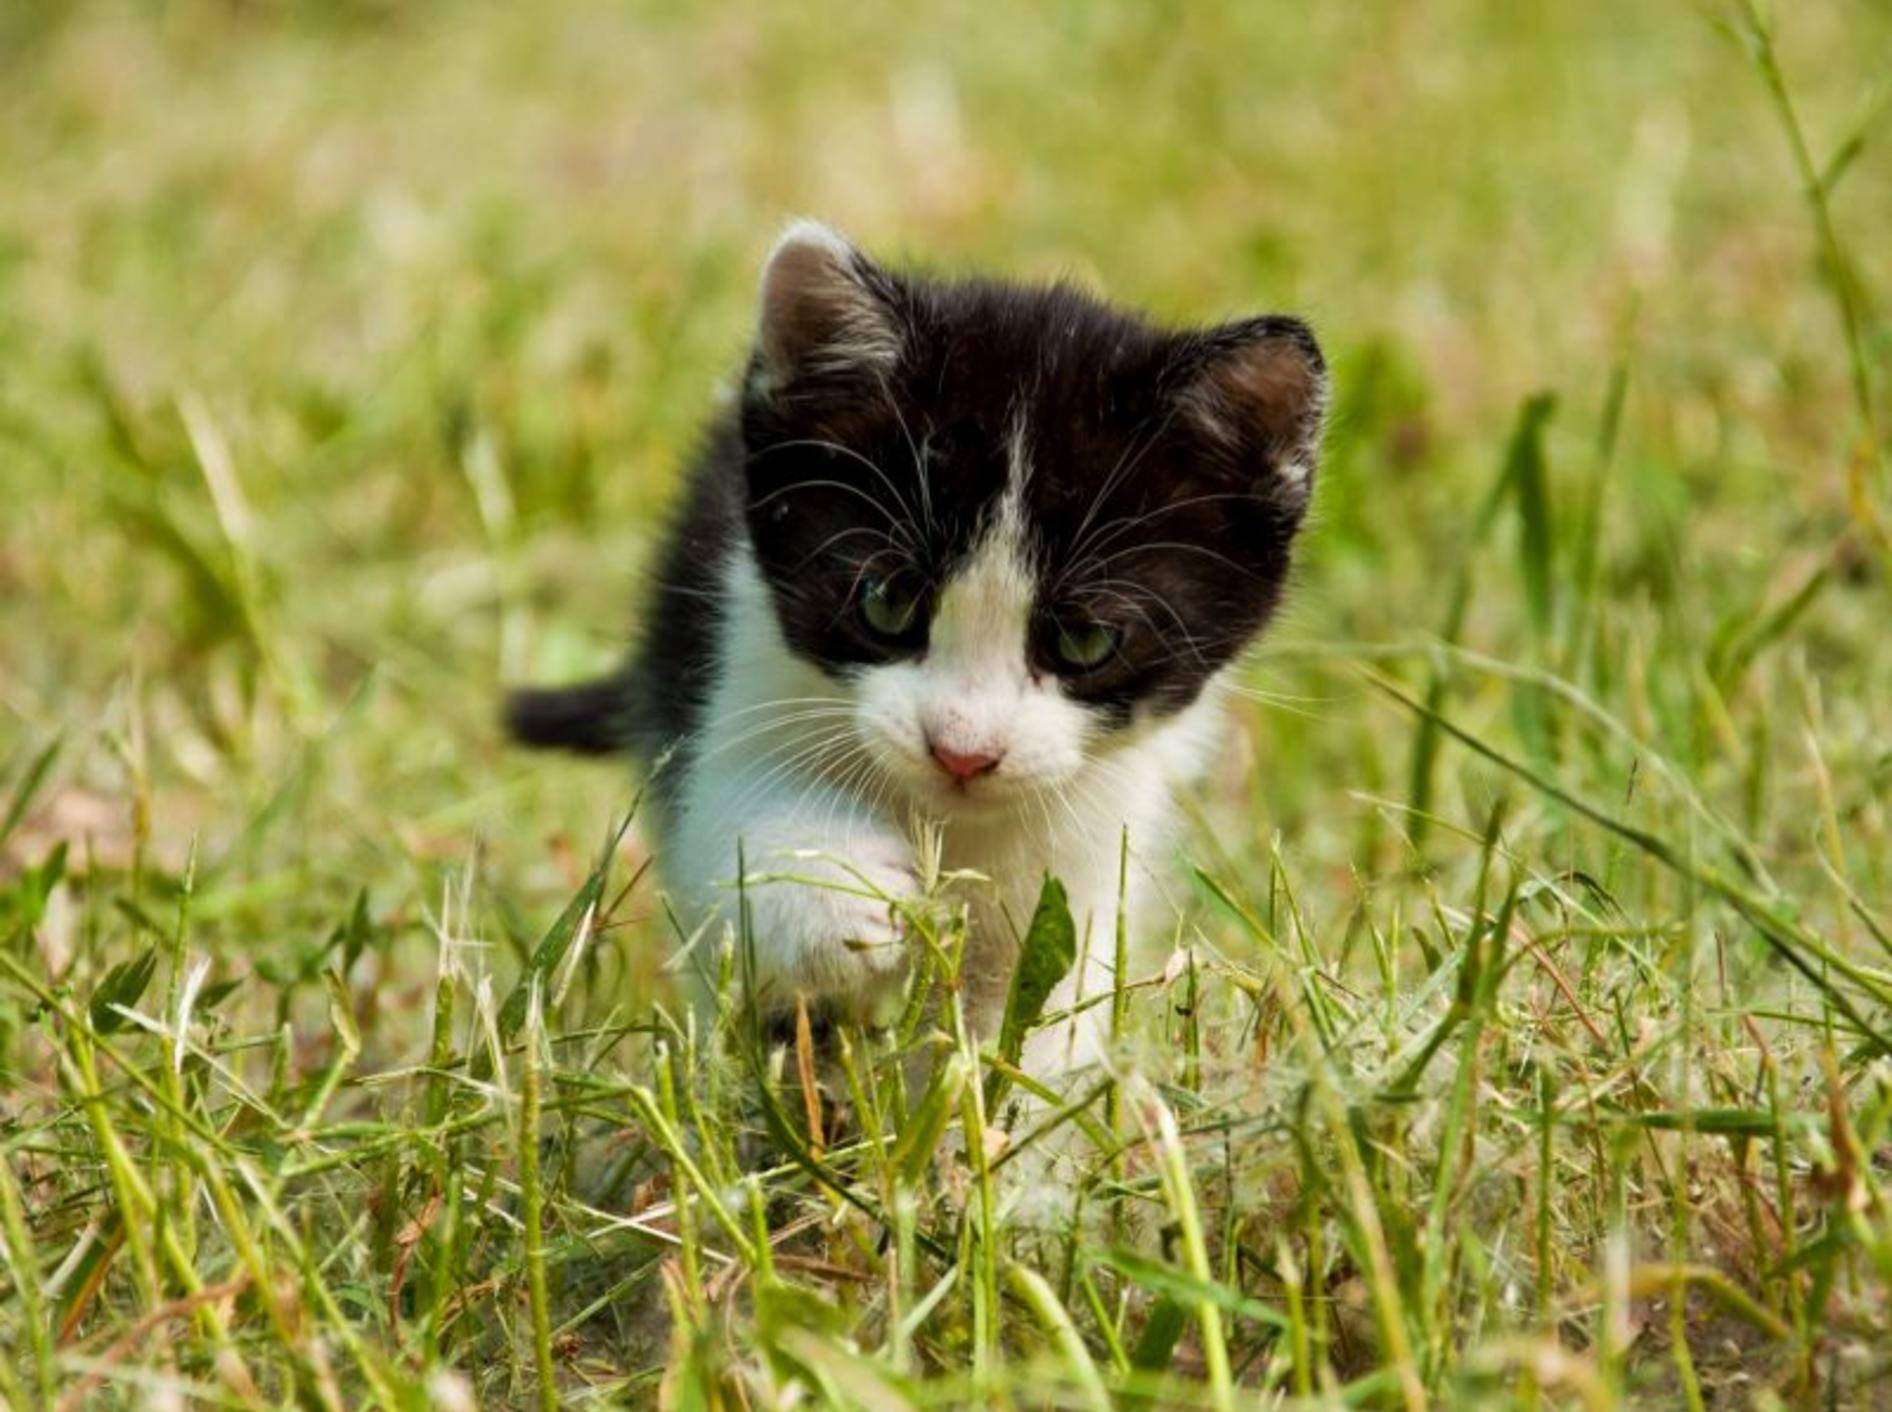 Ataxie Katze